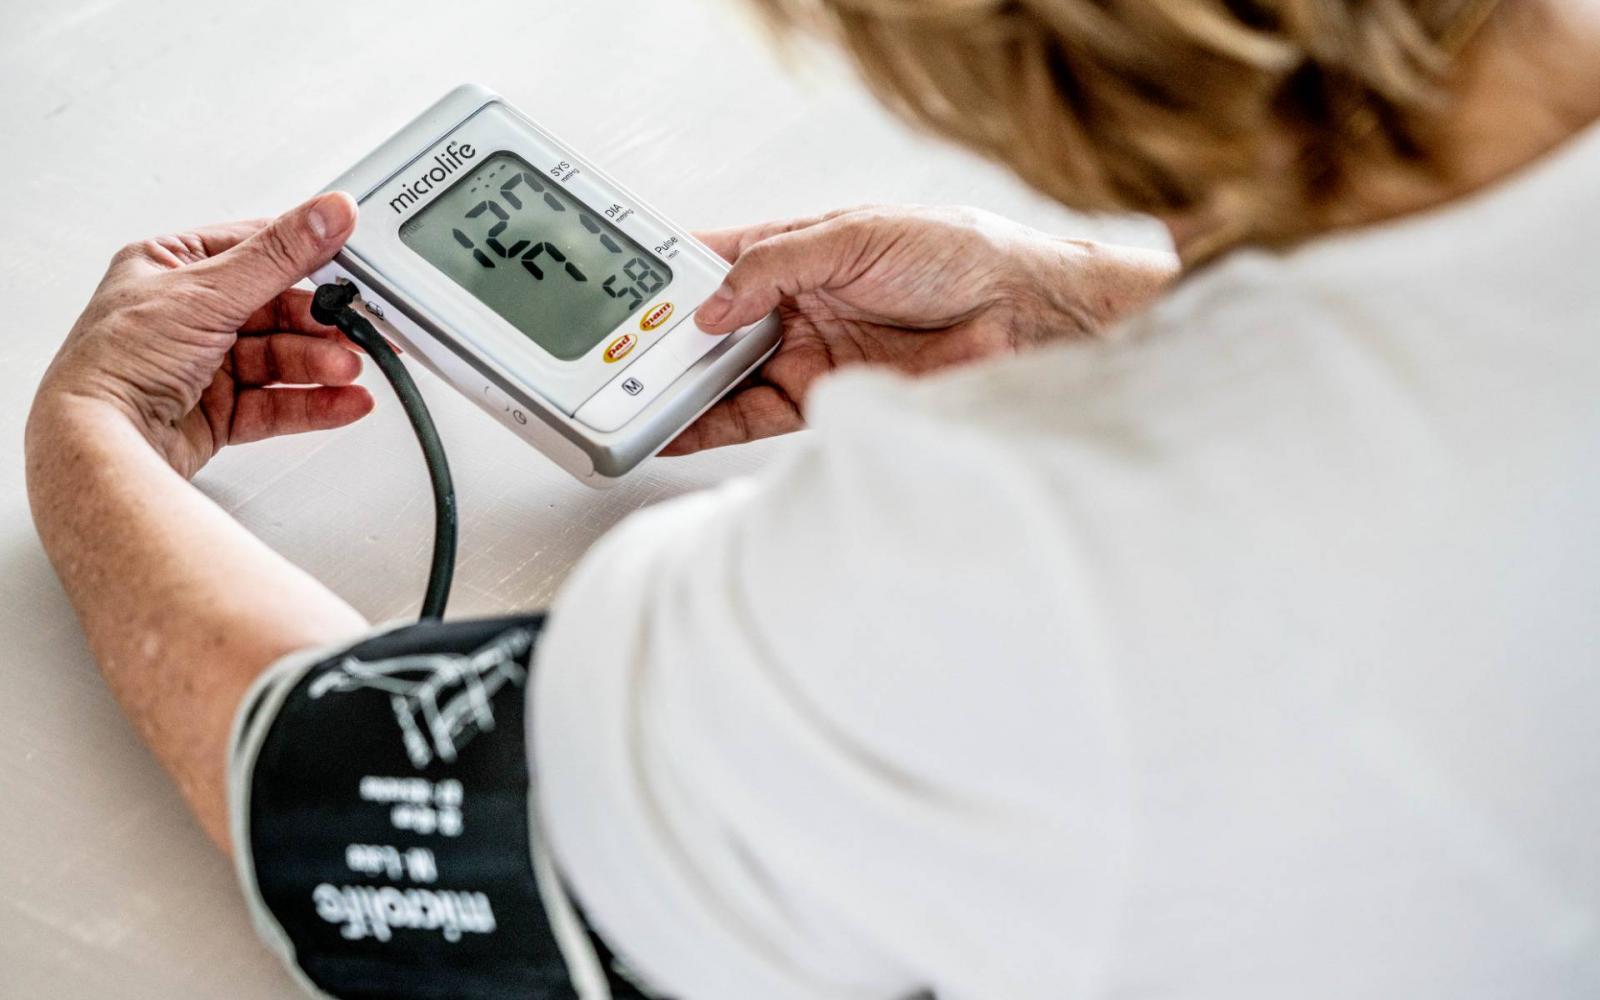 meghódítani a magas vérnyomást rita hogyan lehet egy nap alatt megszabadulni a magas vérnyomástól